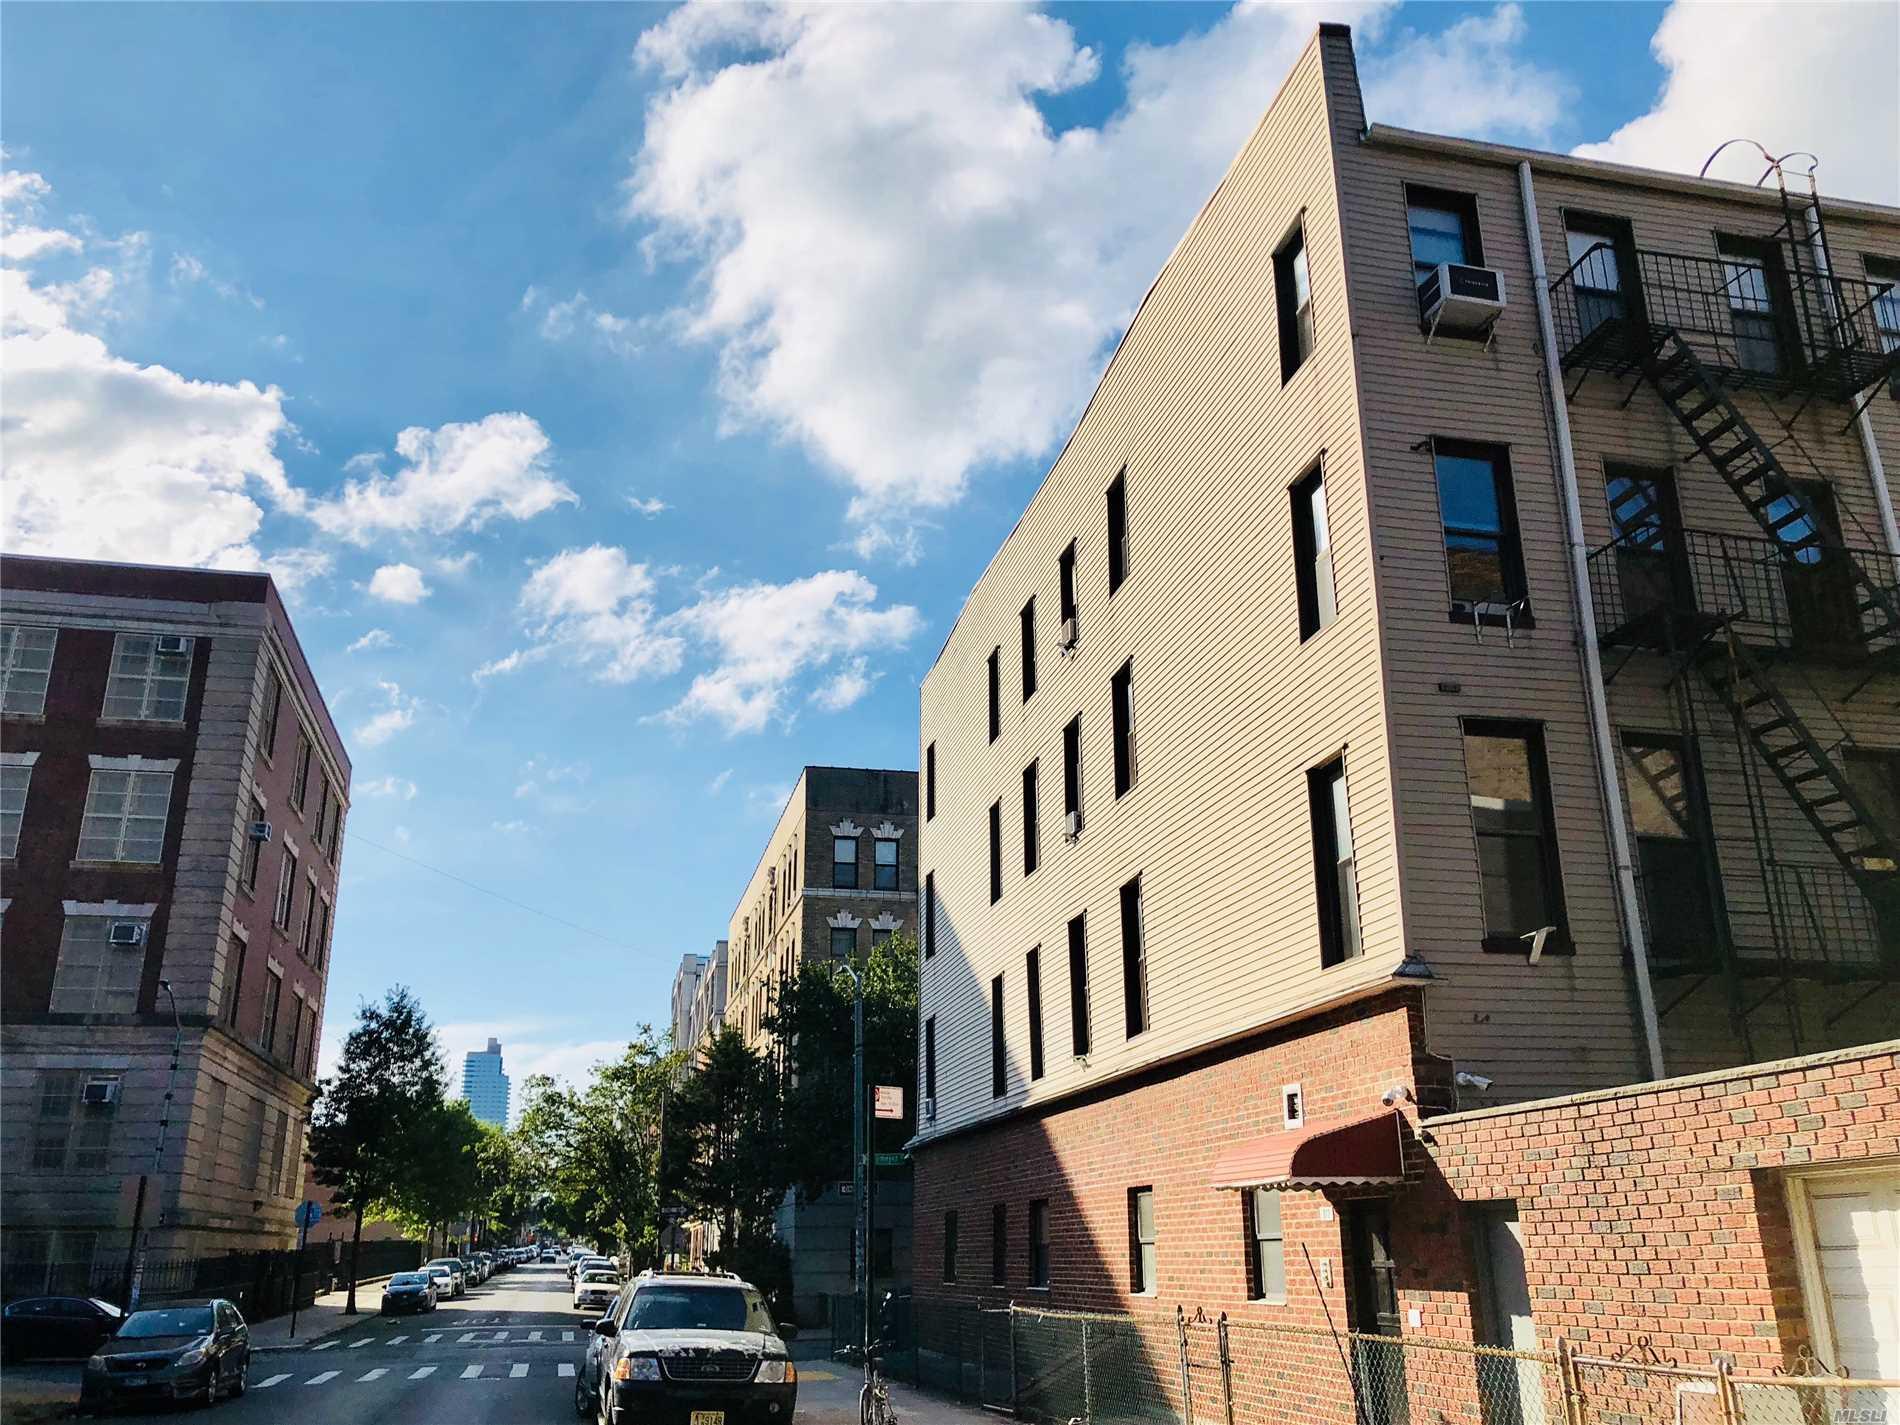 277 N 7th St, 2R - Brooklyn Other, New York